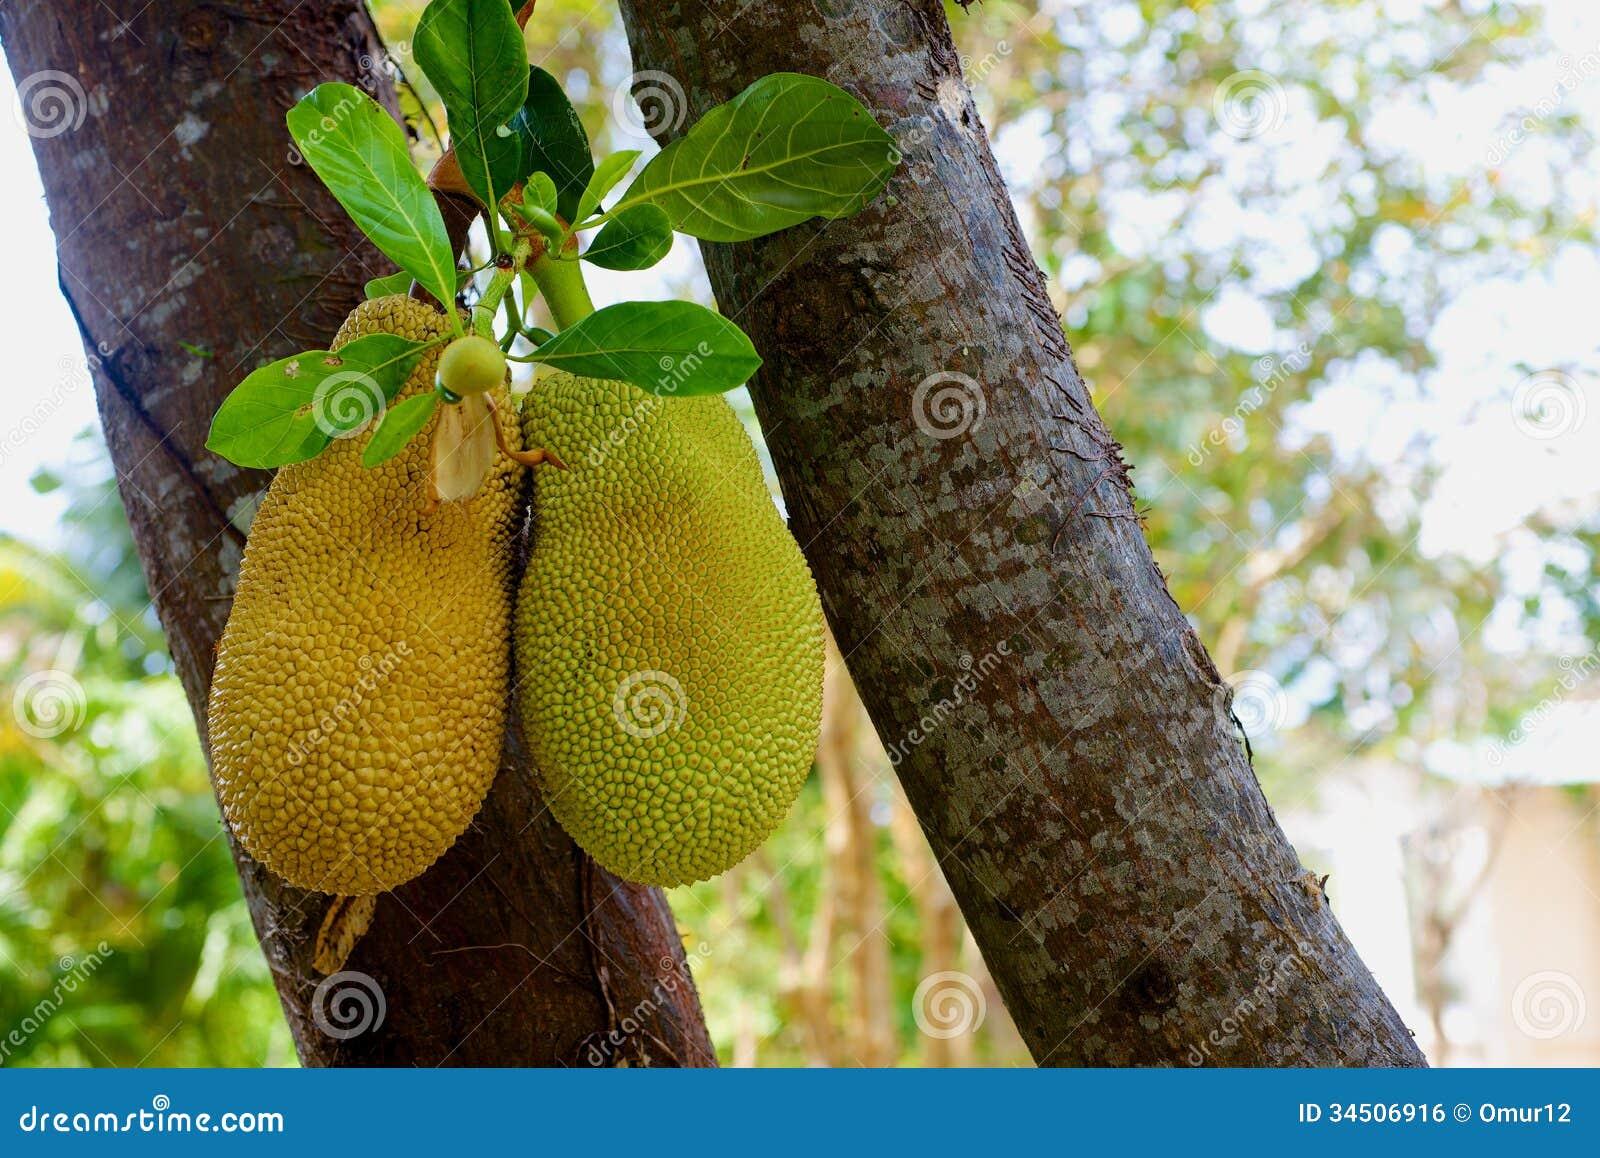 Fruits à pain sur l arbre